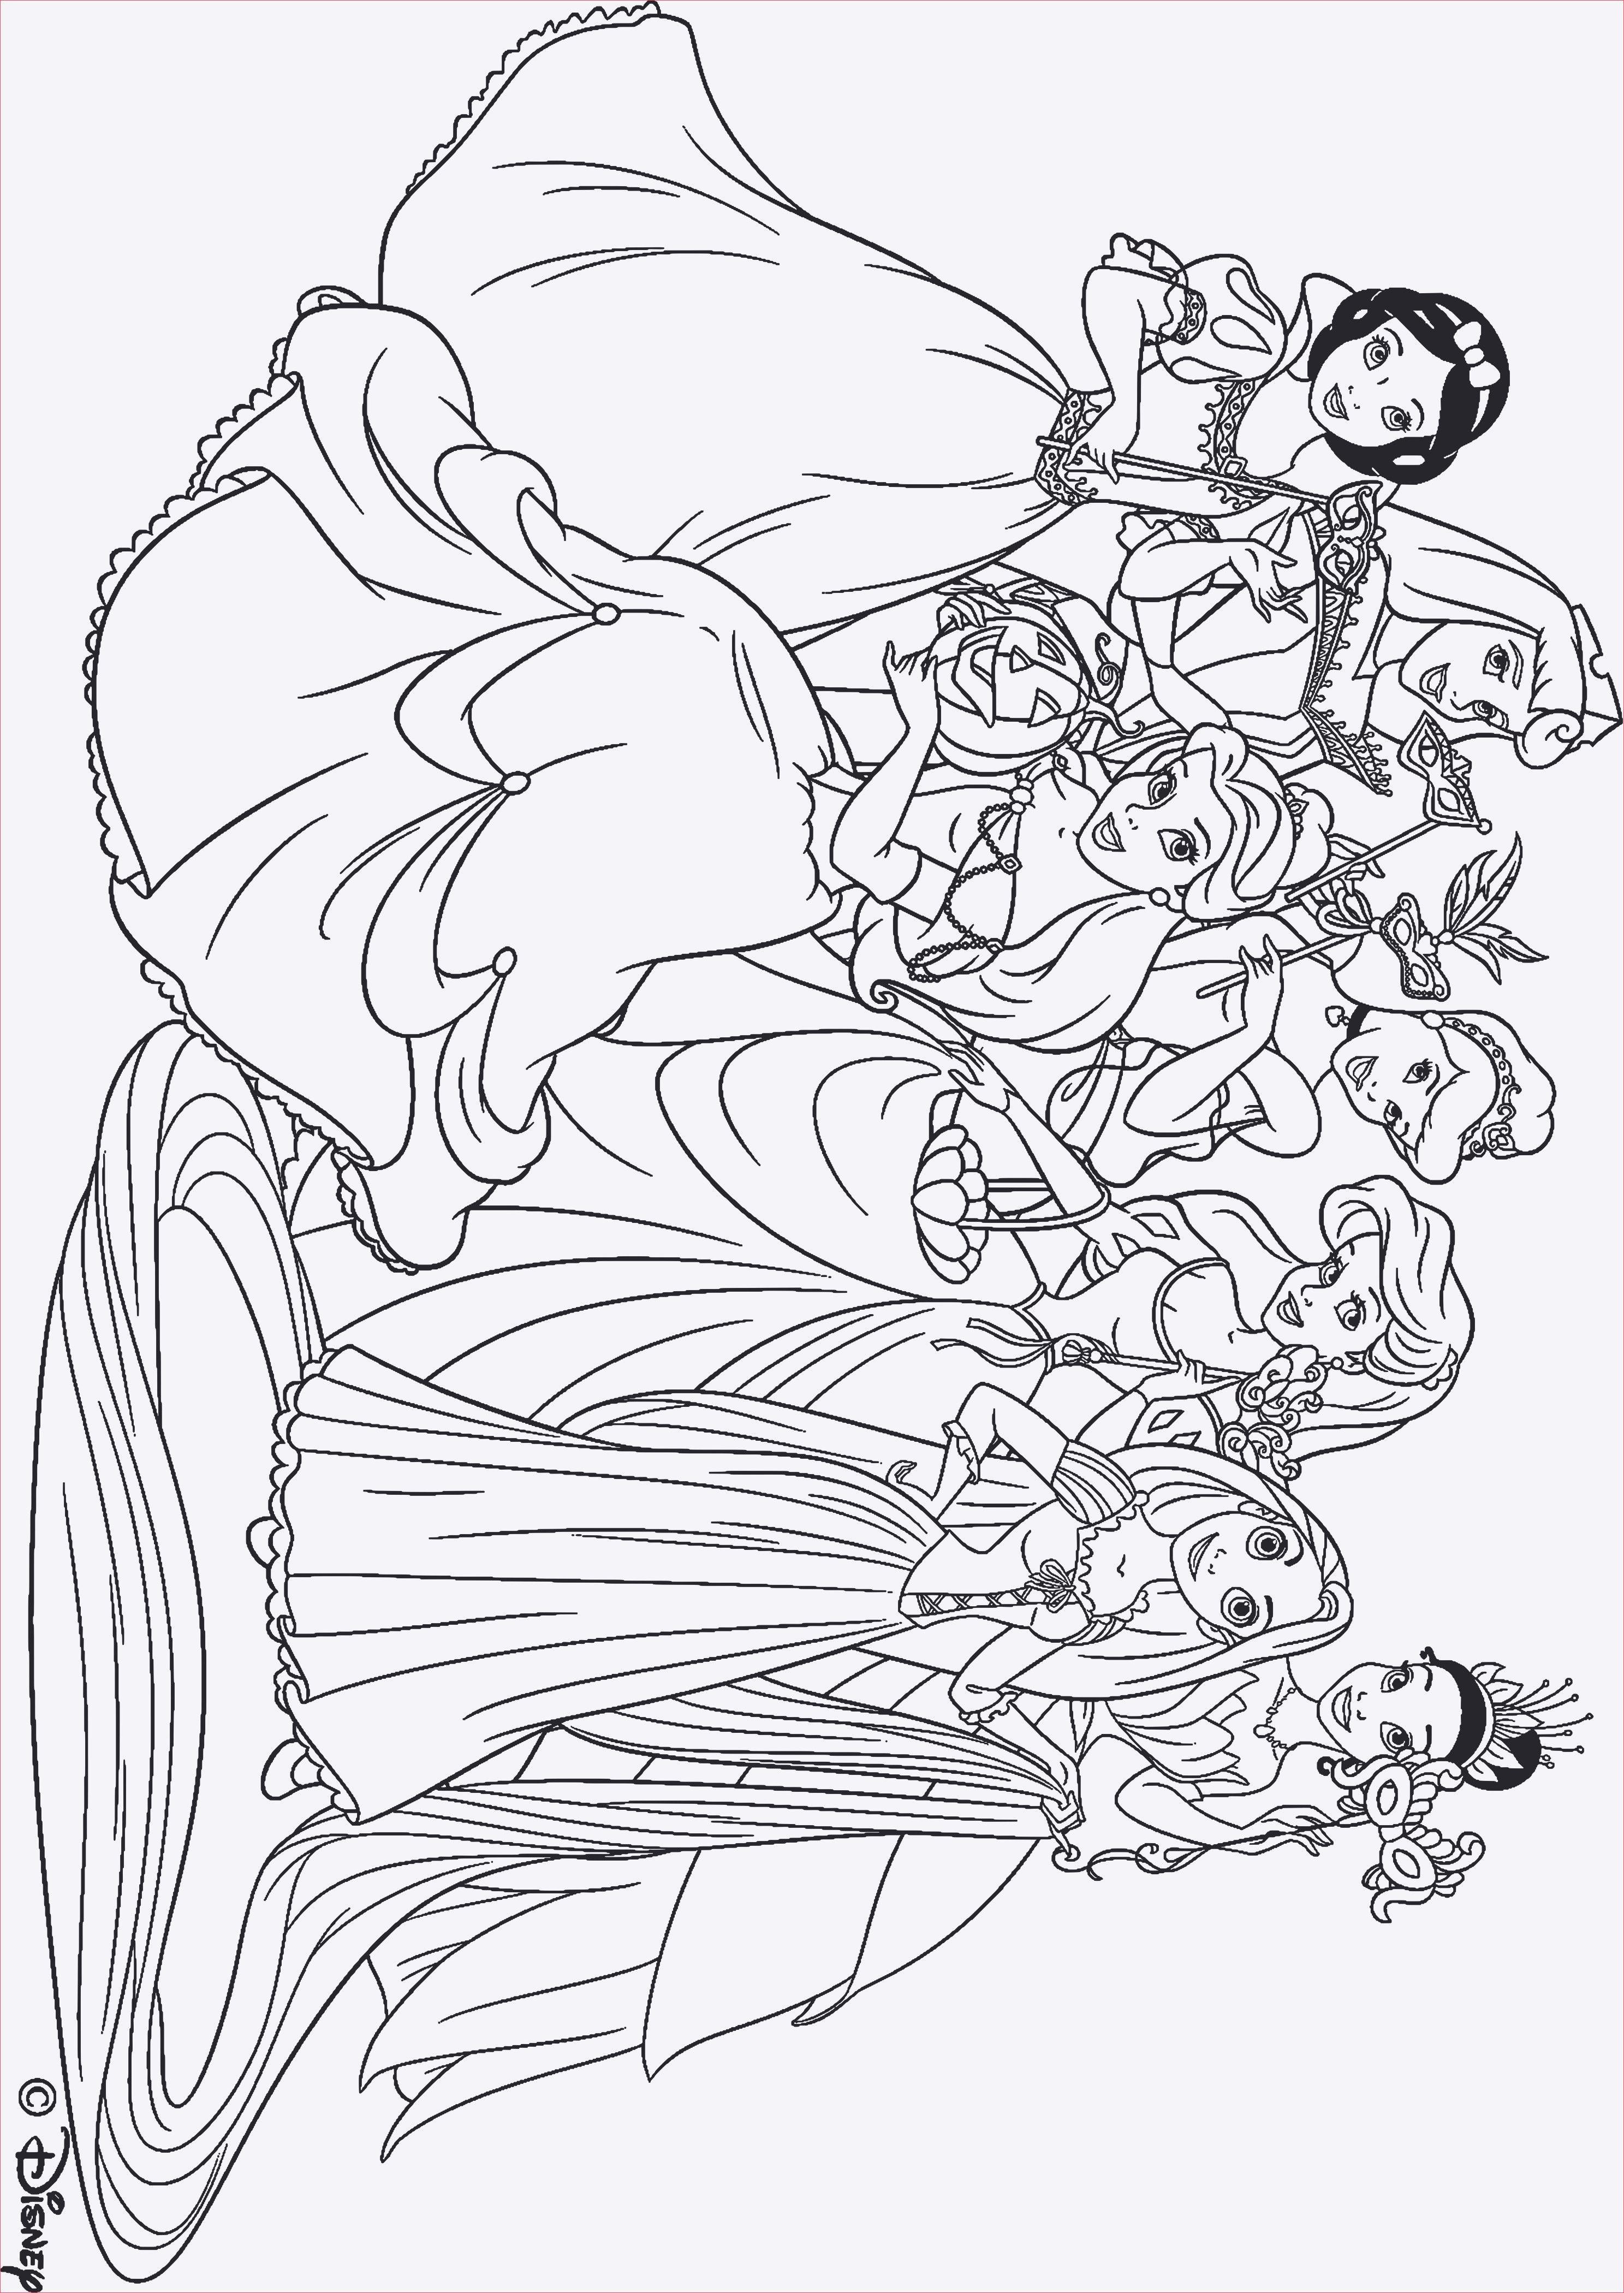 Malvorlagen Aladdin Genial Walt Disney Prinzessinnen Malvorlagen Mndw Galerie